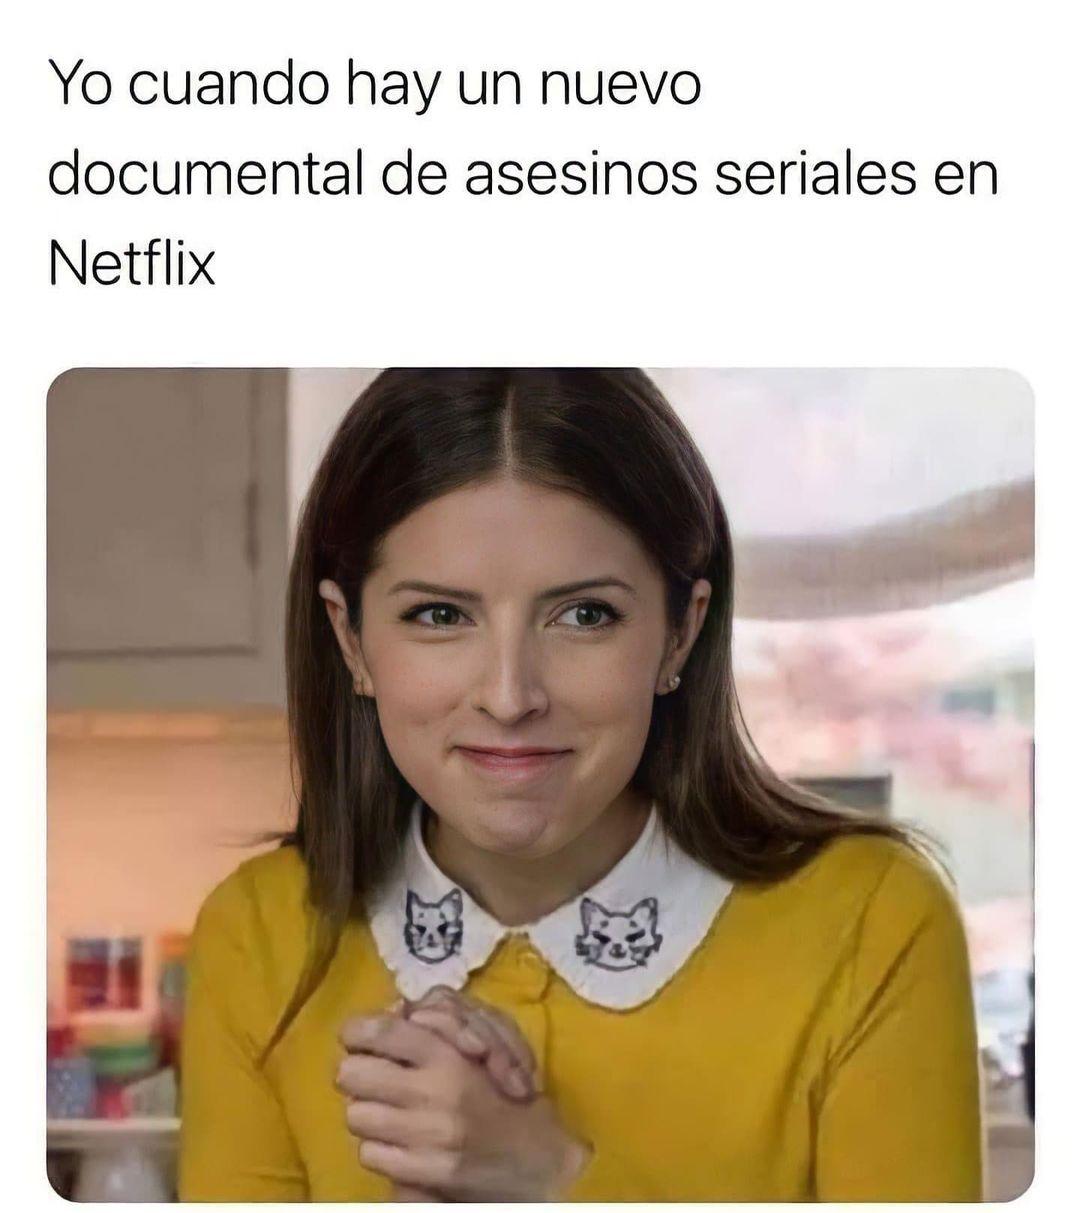 Yo cuando hay un nuevo documental de asesinos seriales en Netflix.